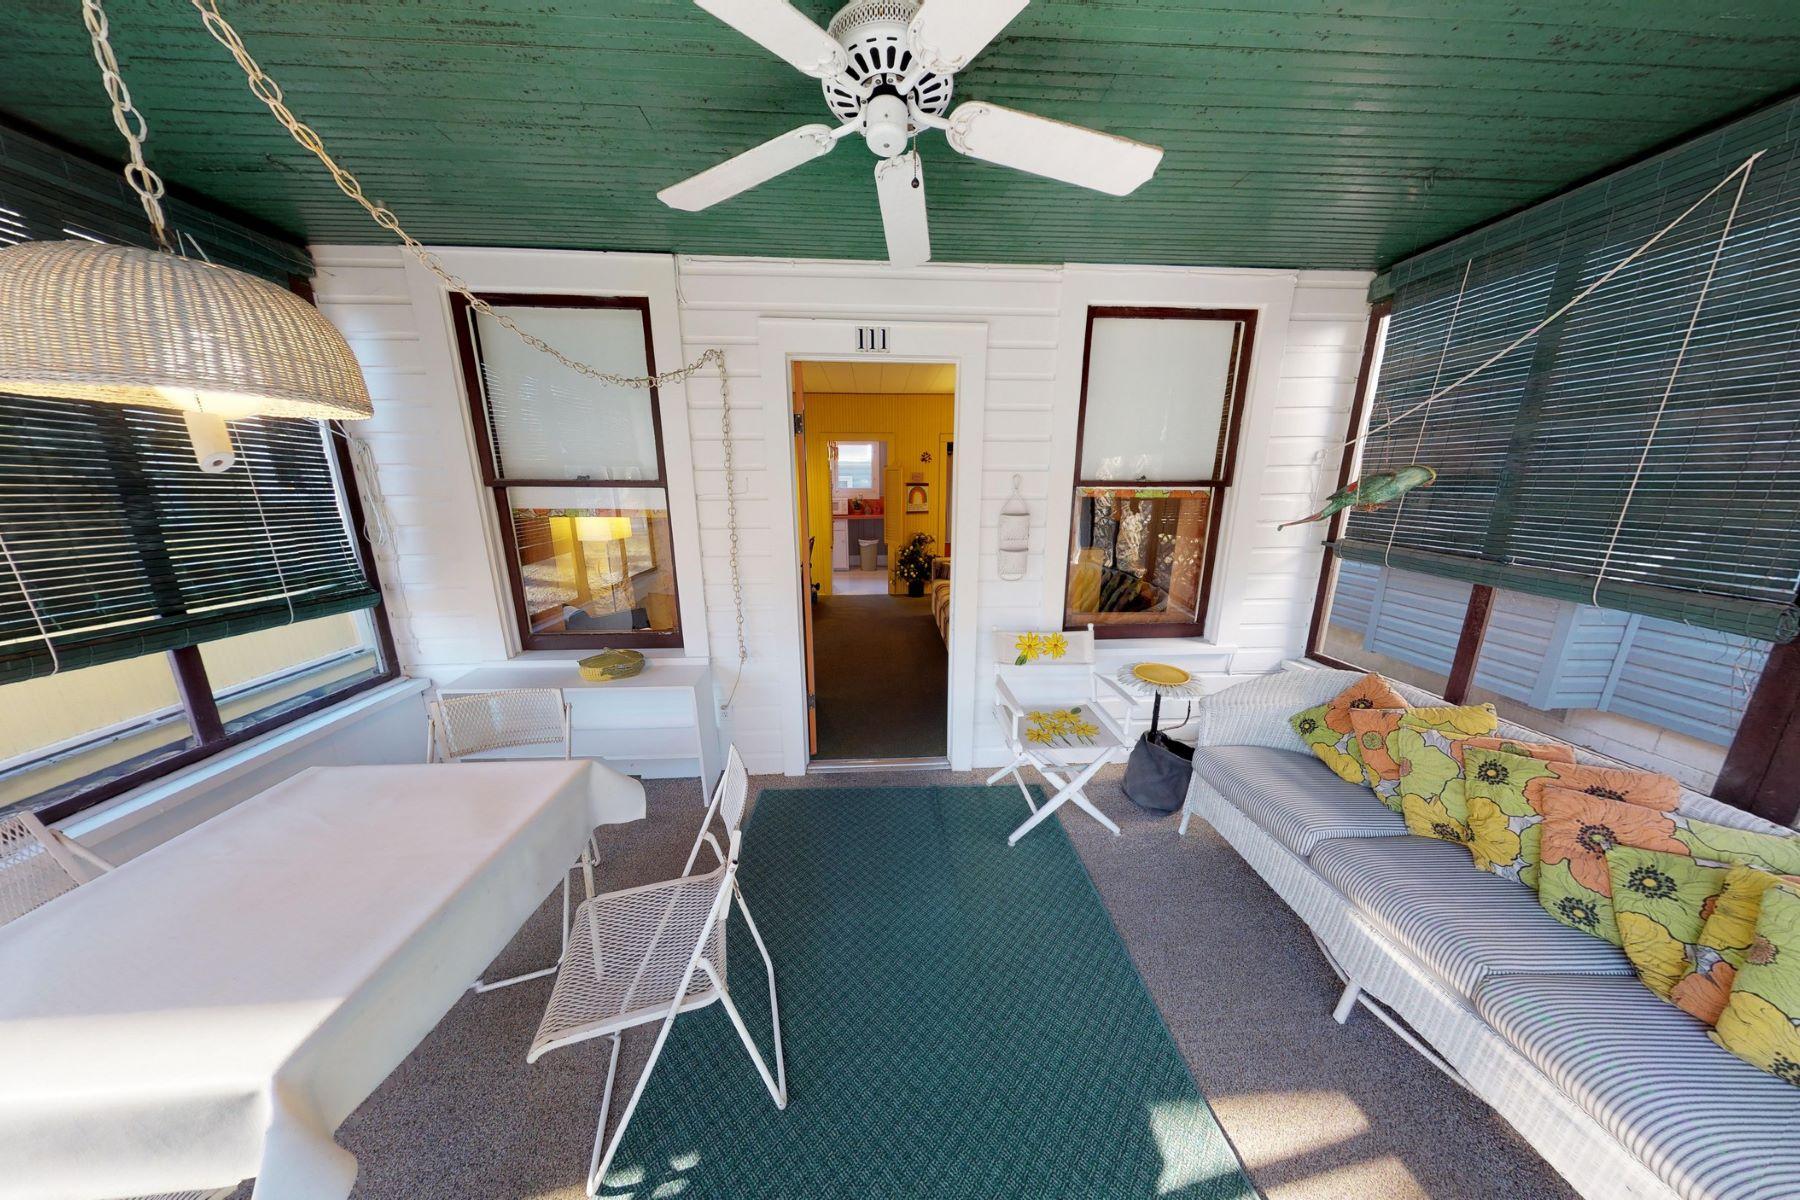 Single Family Homes für Verkauf beim Lakeside, Ohio 43440 Vereinigte Staaten